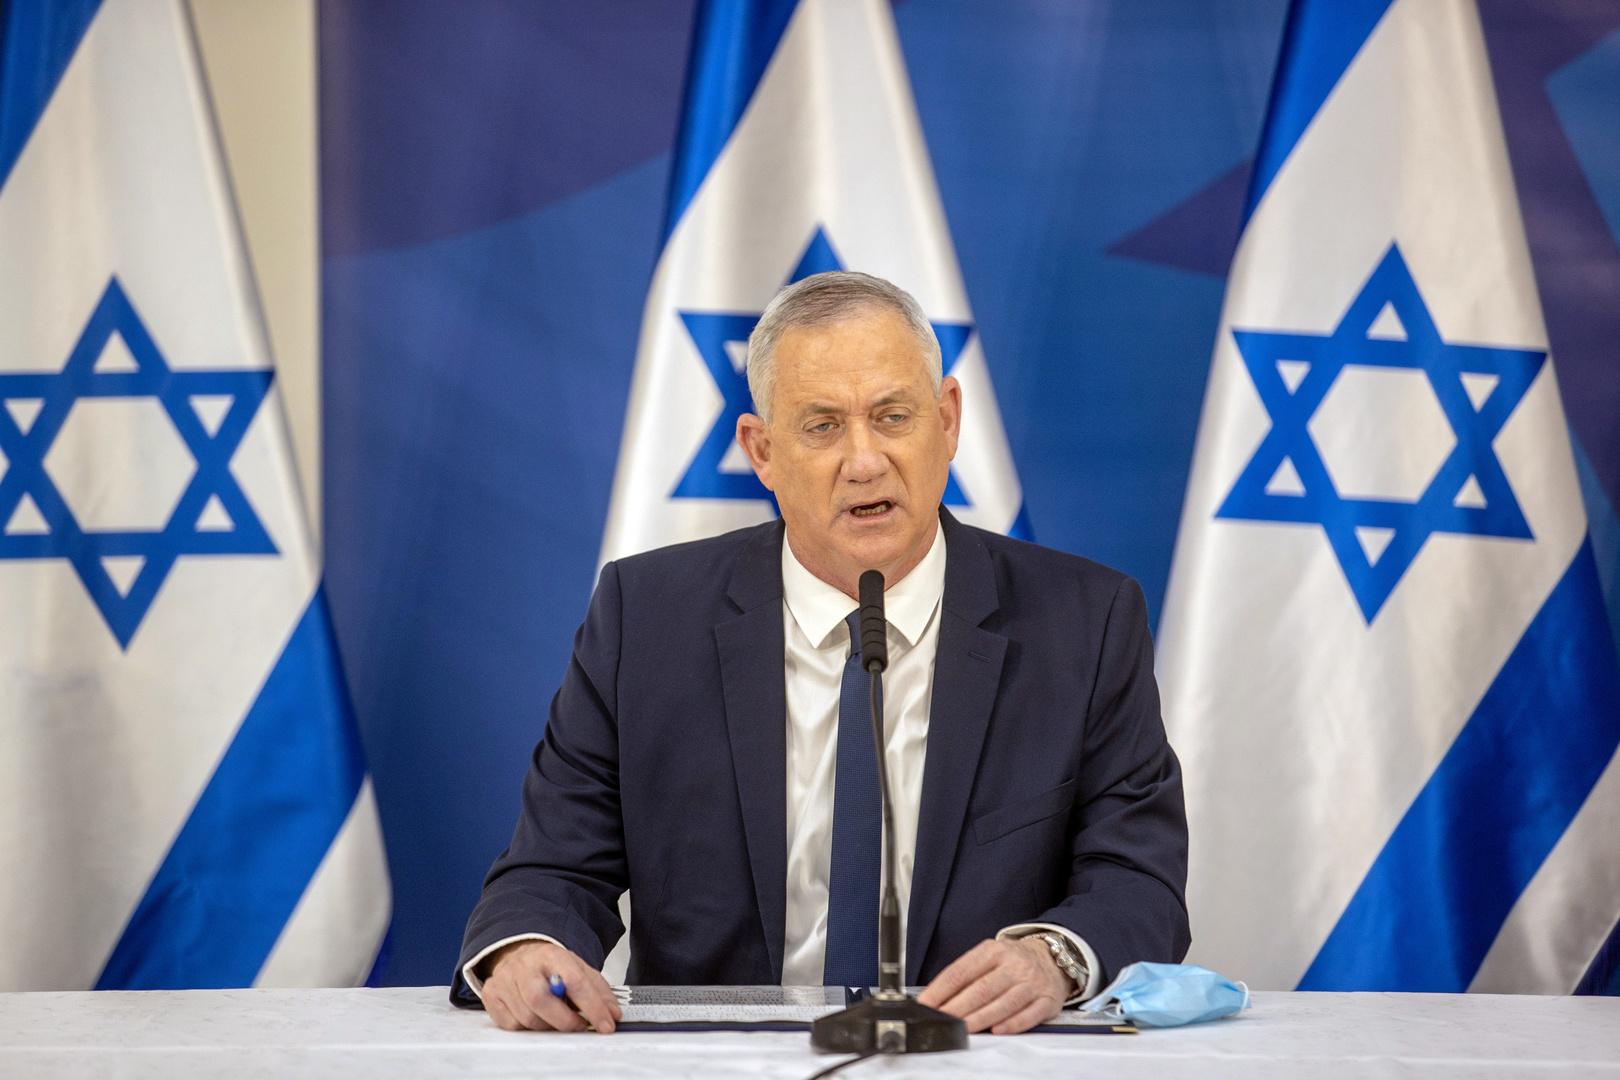 وزير الدفاع الإسرائيلي، بيني غانتس